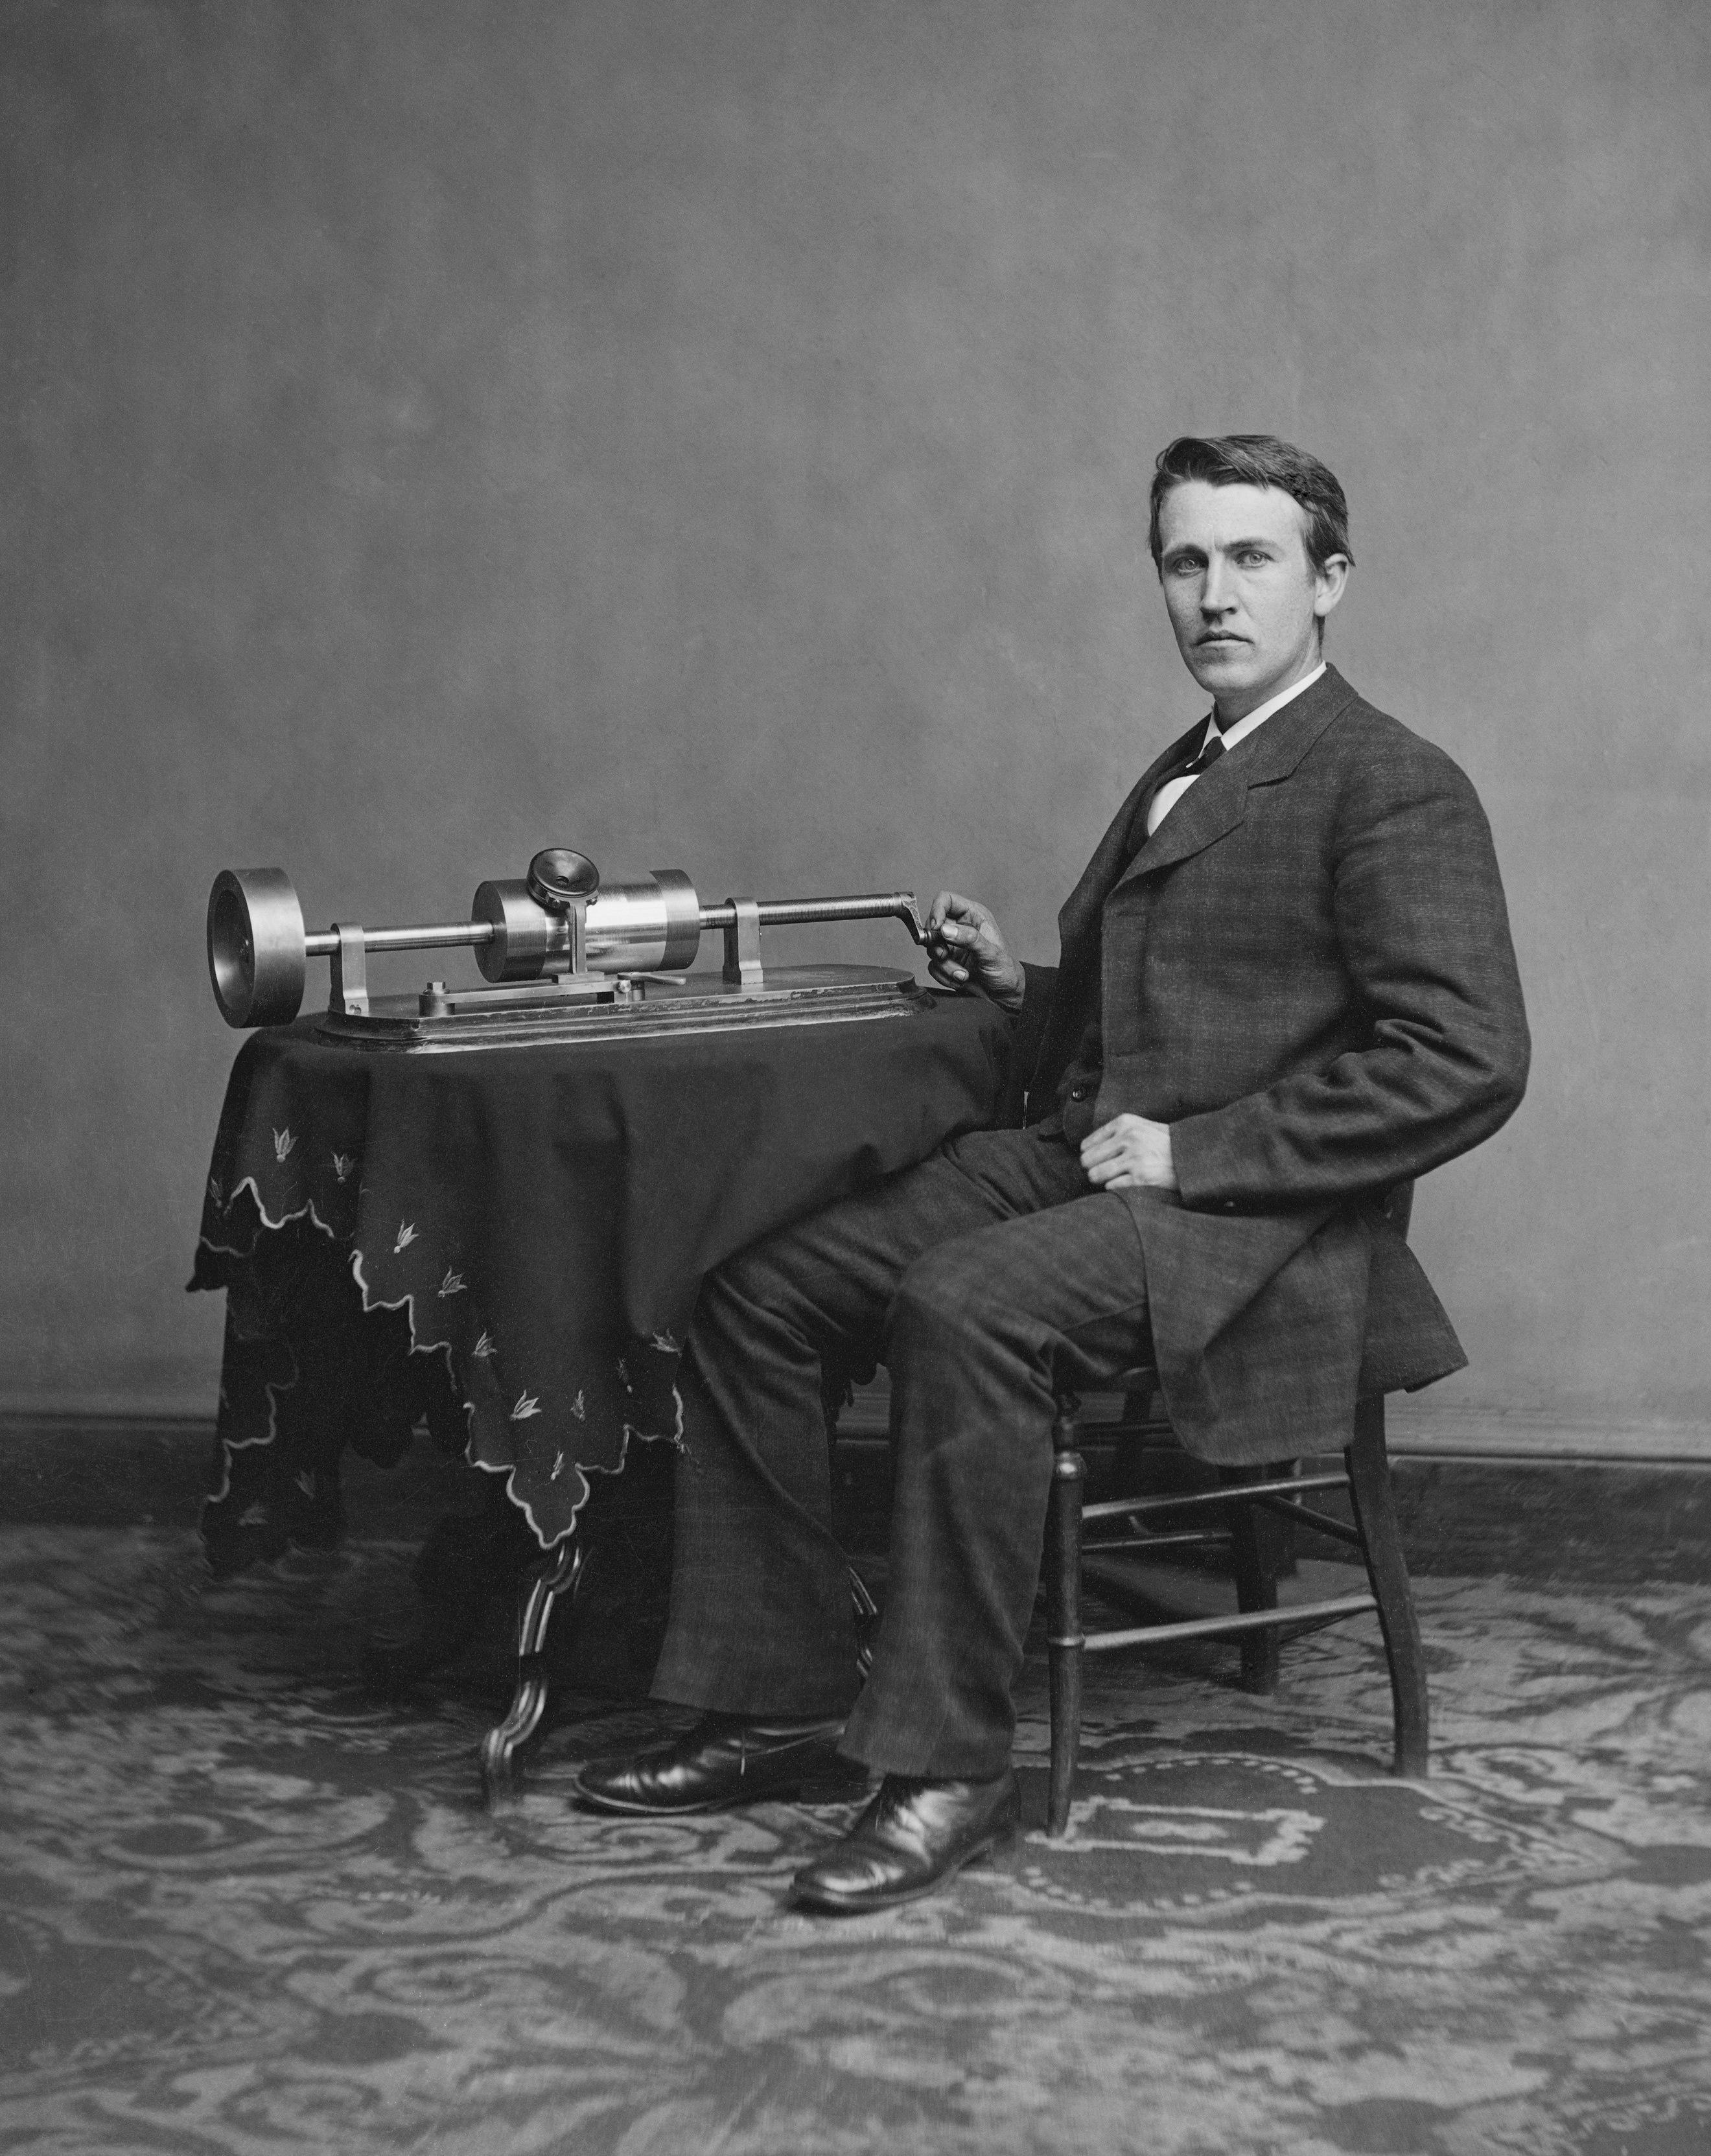 愛迪生與他早期發明的留聲機。圖/取自維基百科